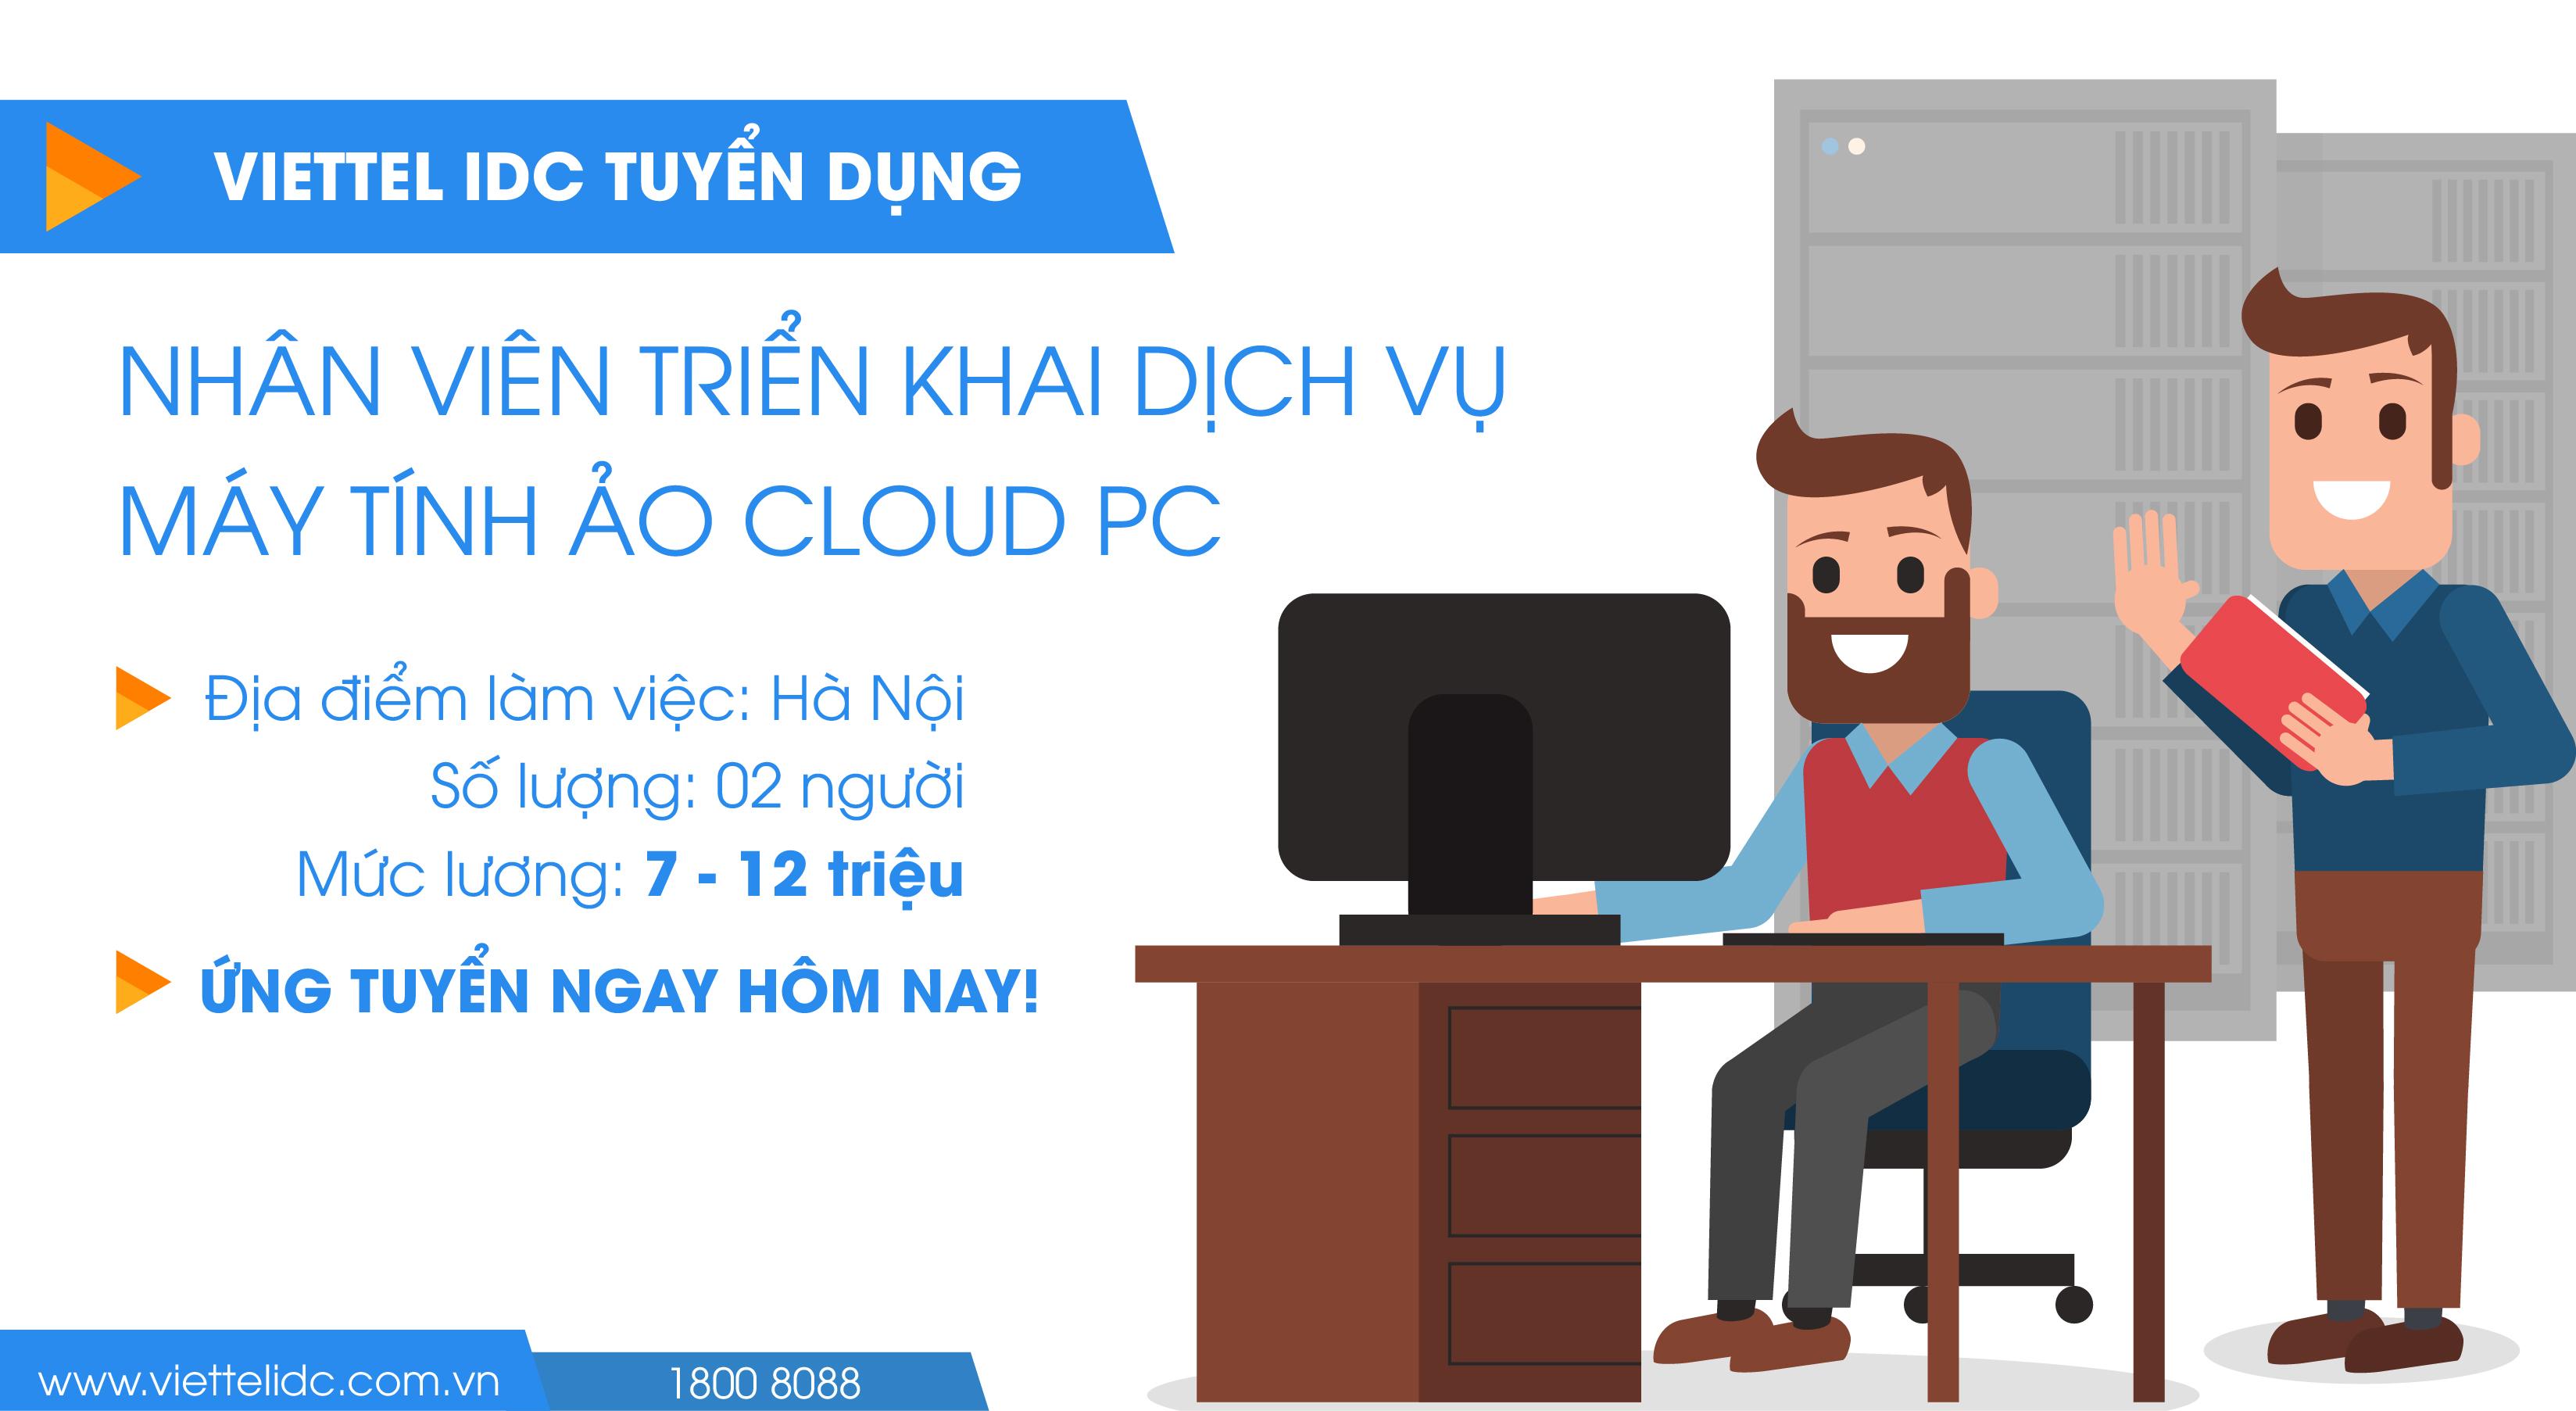 Viettel IDC tuyển dụng nhân viên triển khai dịch vụ máy tính ảo Cloud PC